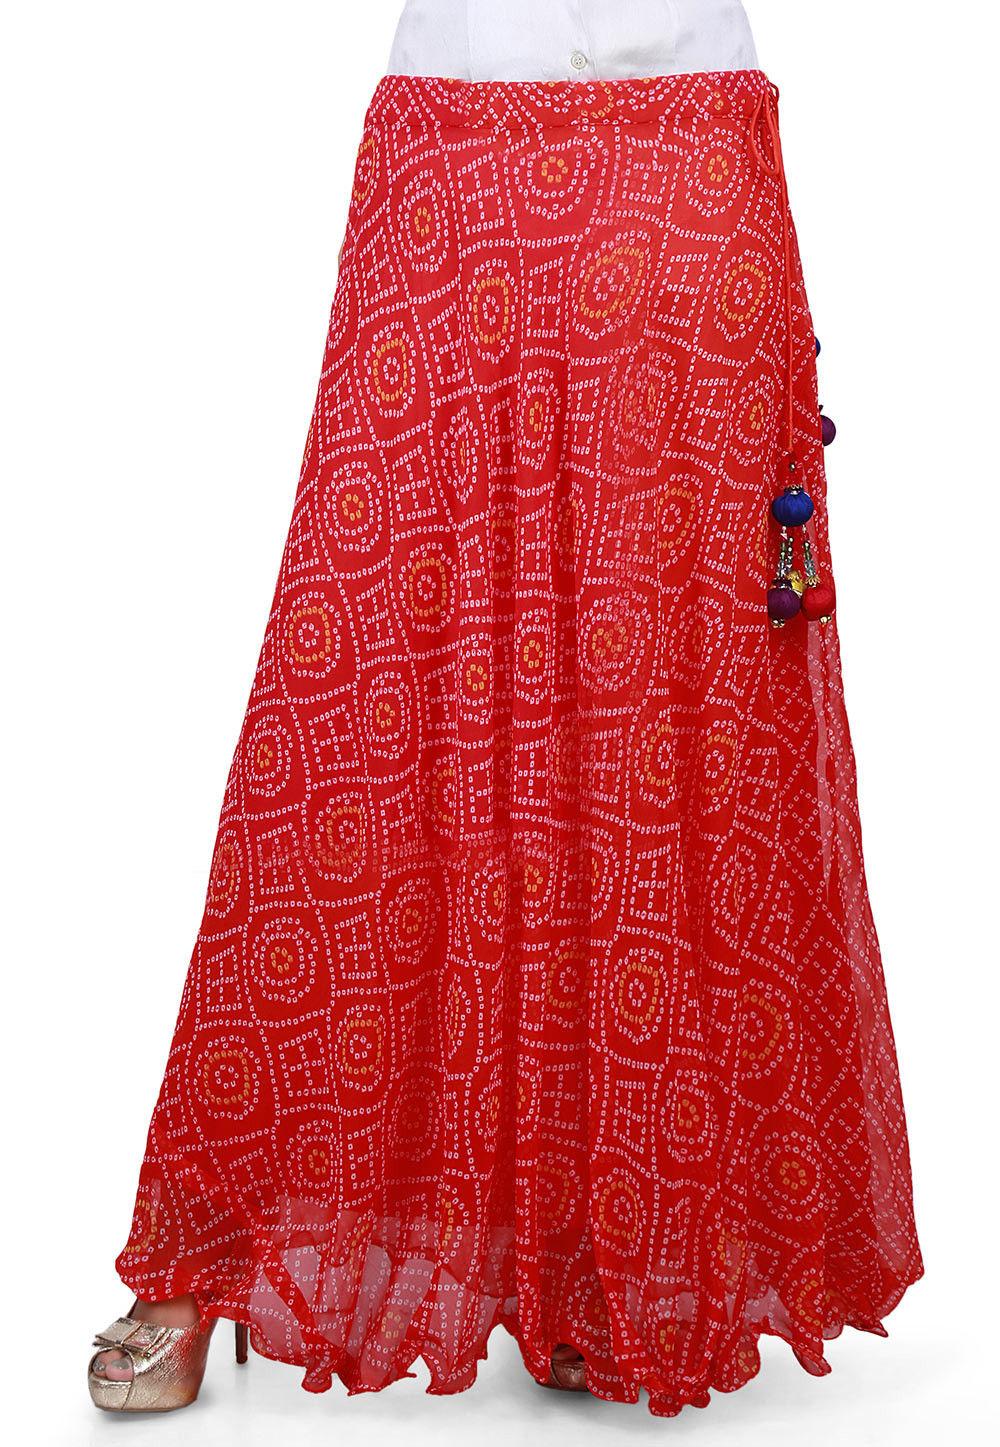 Bandhej Georgette Long Skirt in Red : BNJ237